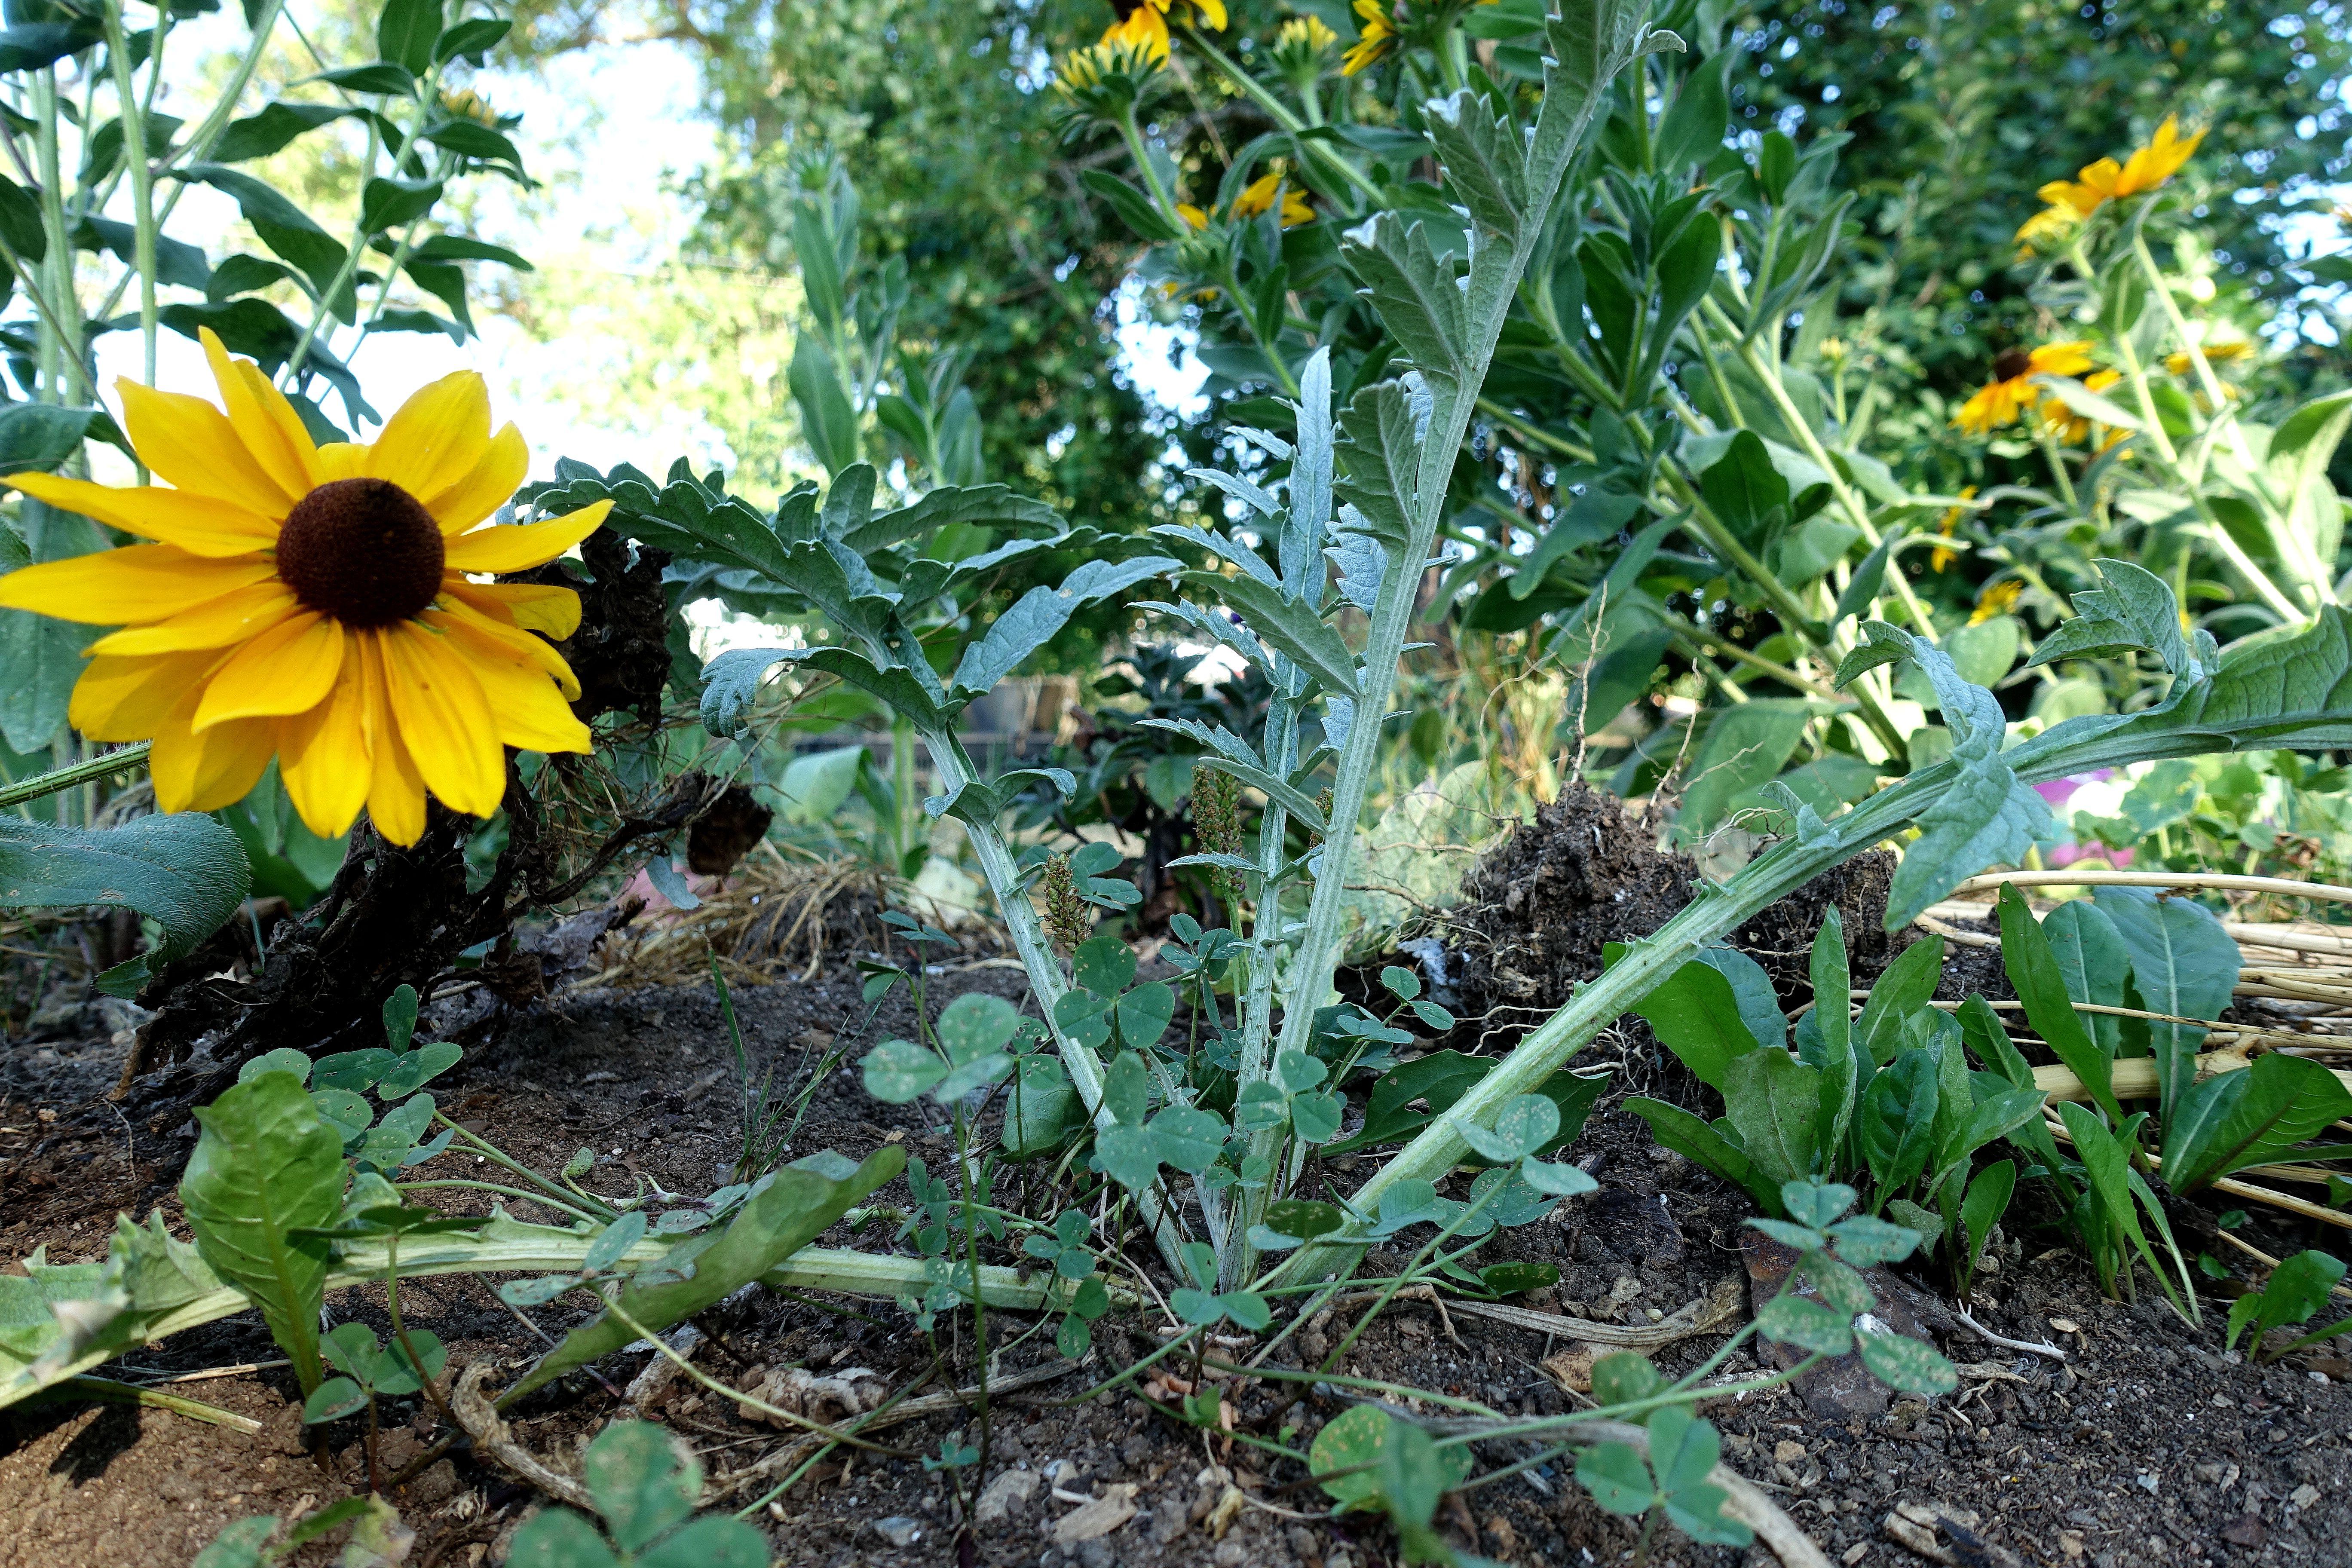 En liten medtagen kronärtskocka bredvid en gul solrosliknande blomma. Overwintering artichokes, a struggling artichoke next to a yellow flower.